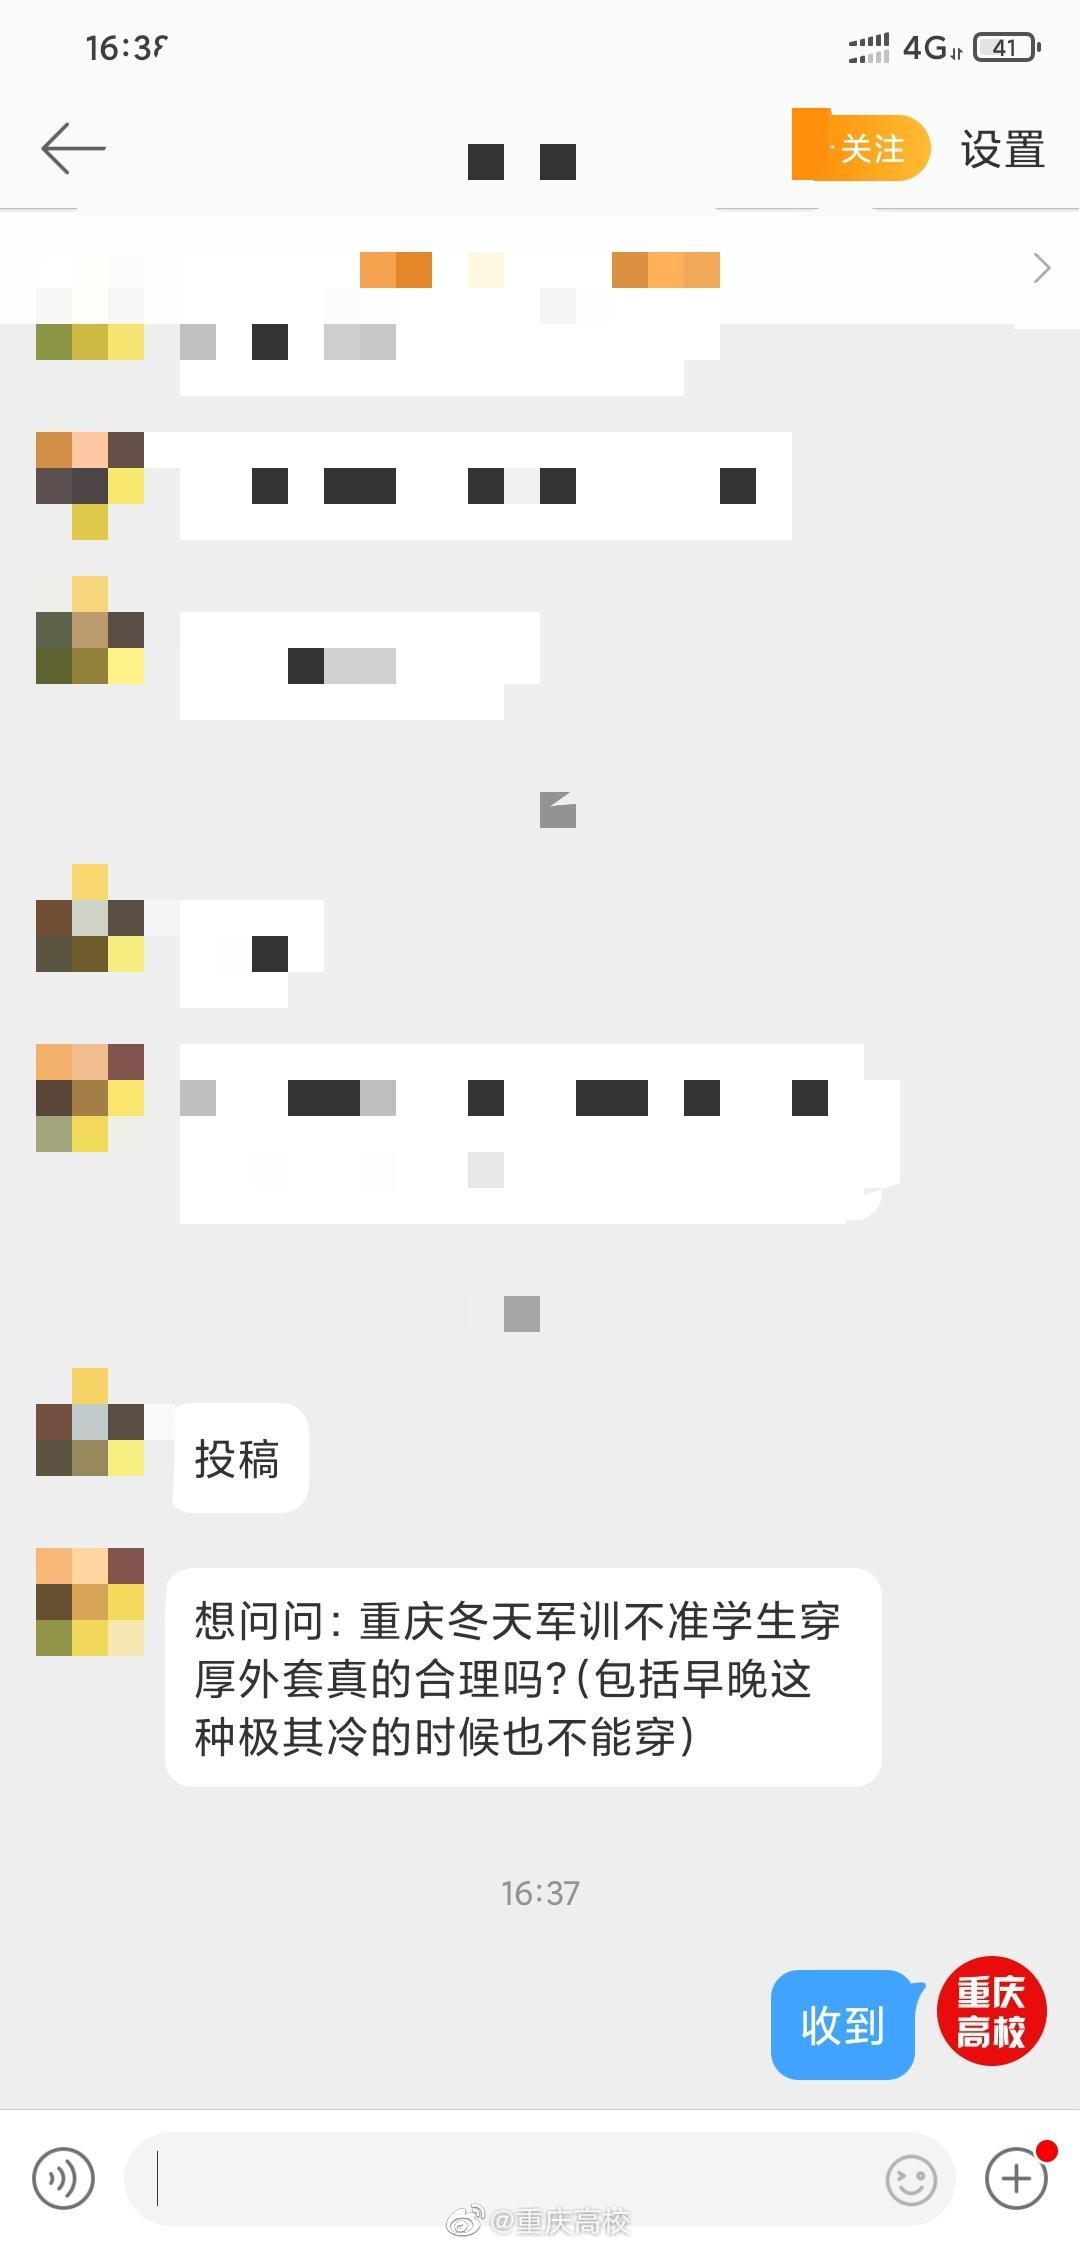 网友投稿,想问问:重庆冬天军训不准学生穿厚外套真的合理吗?……